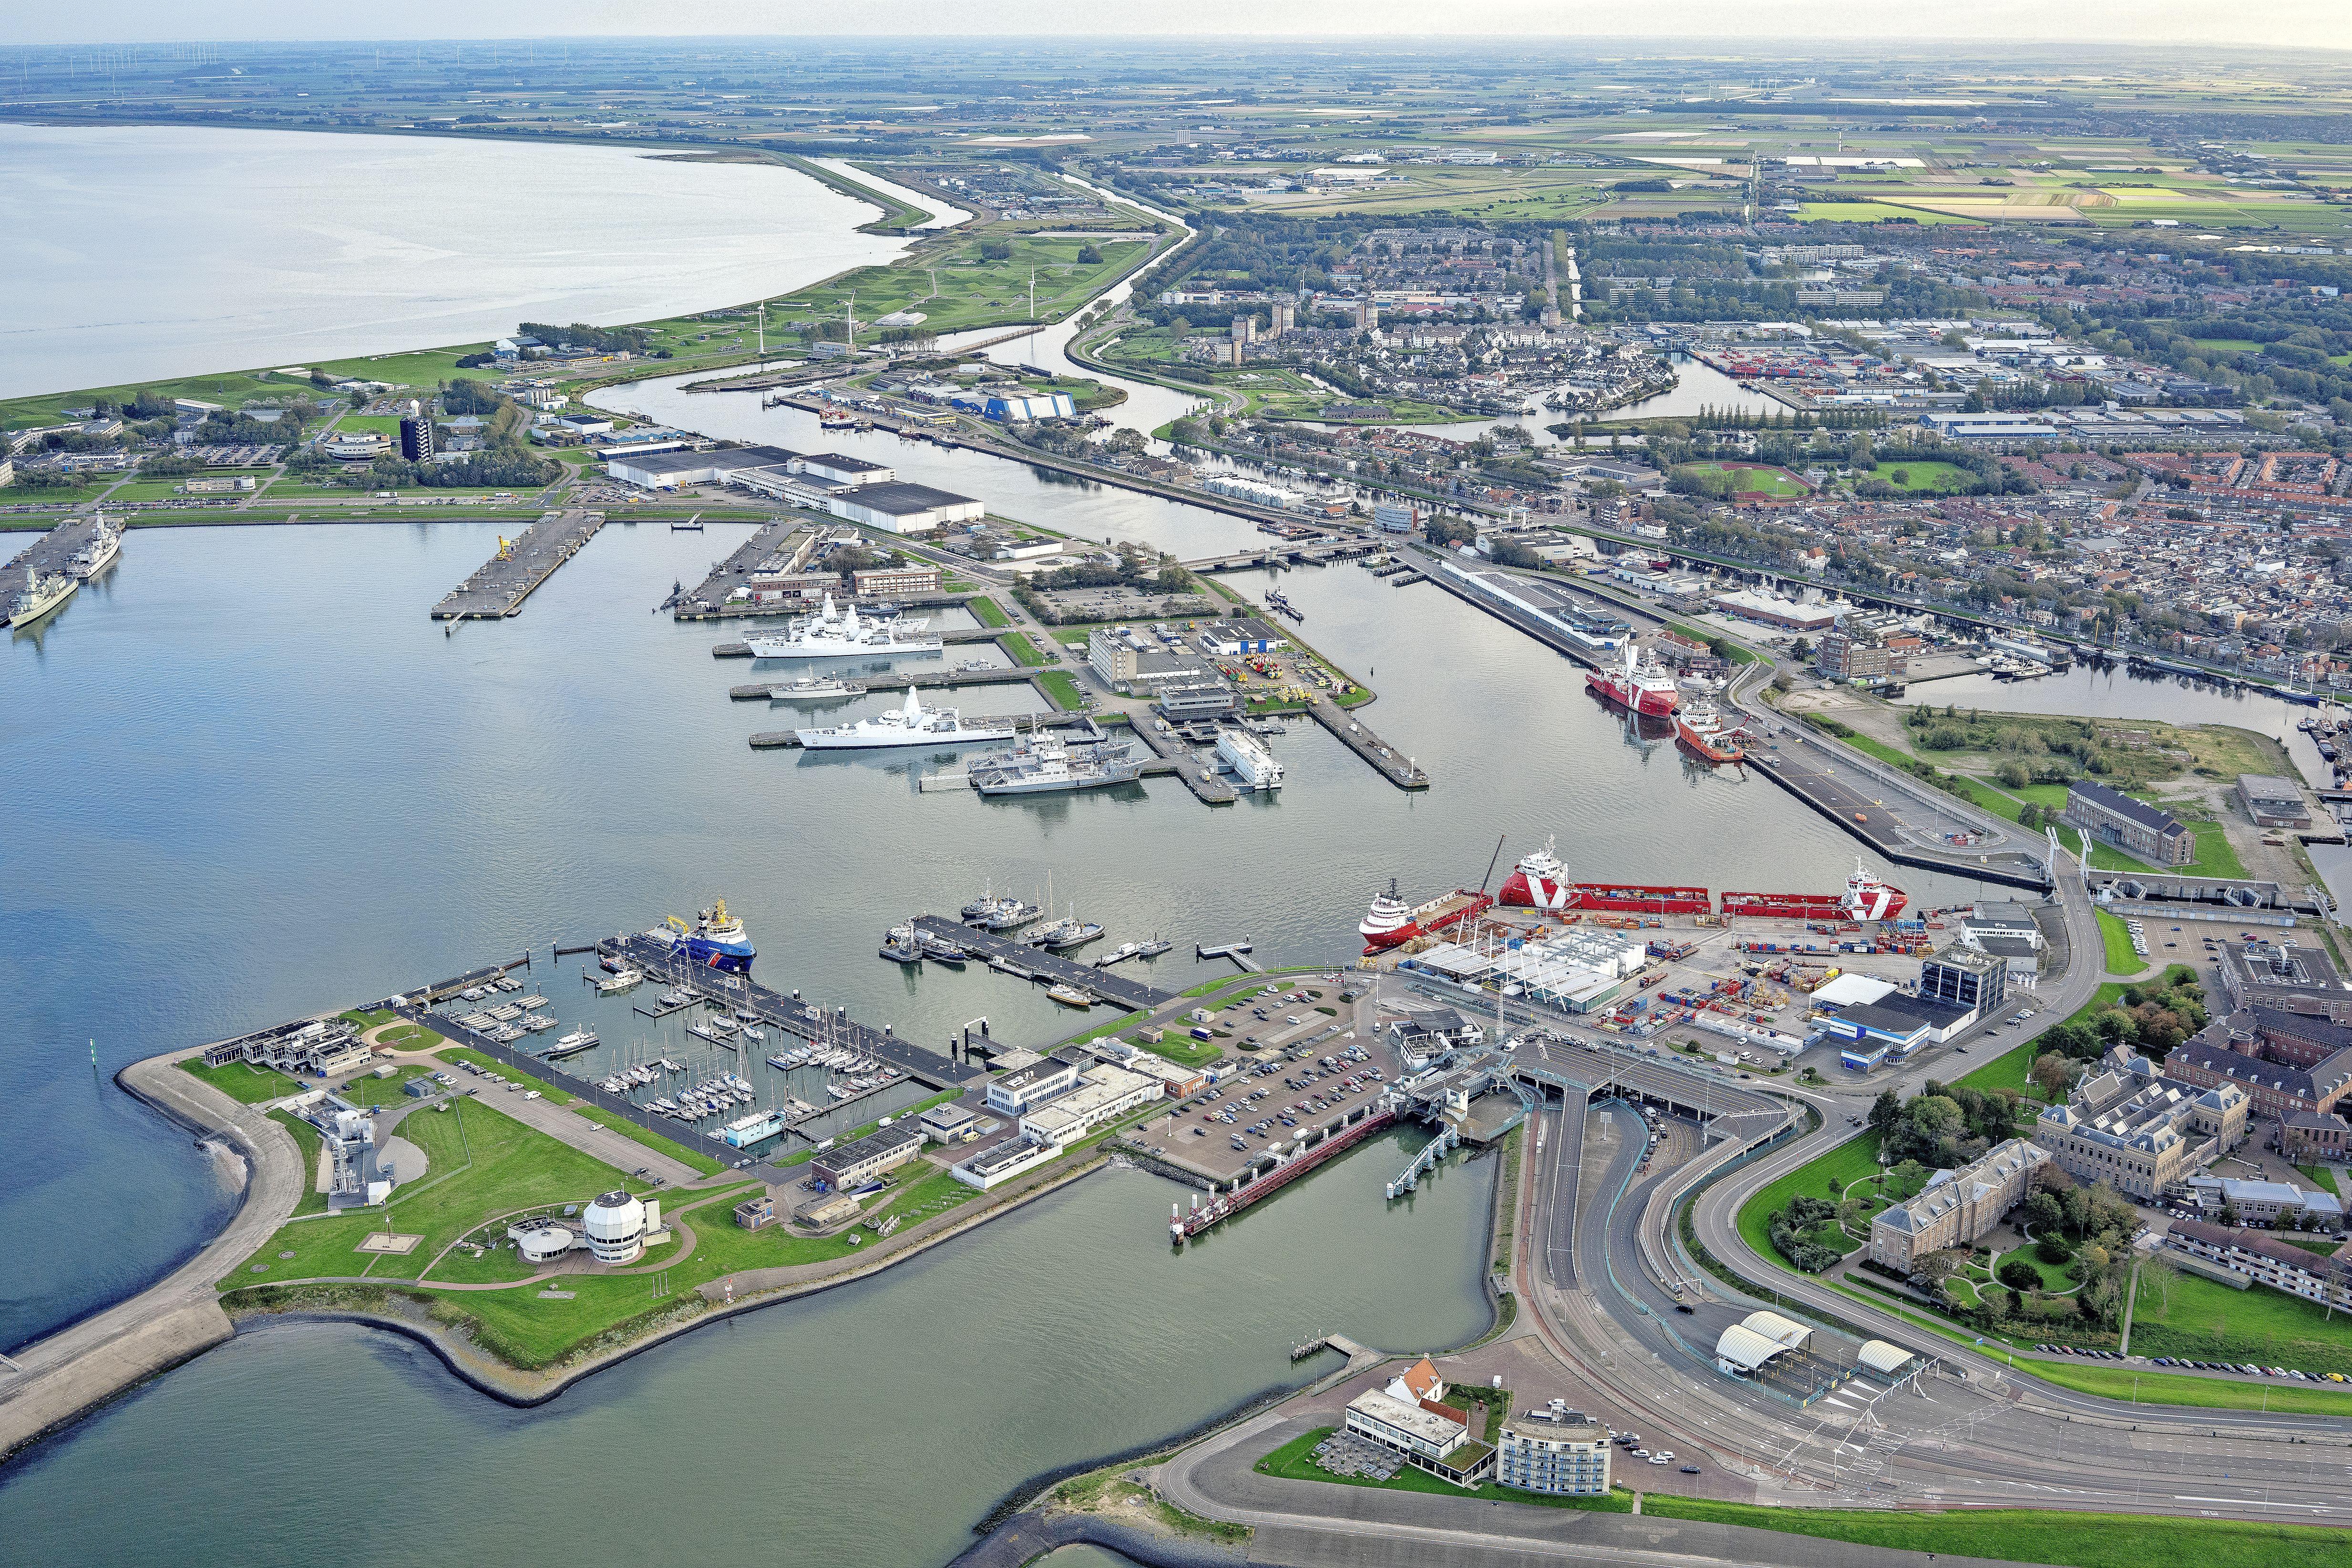 Sinds kort krijgen ook lege, Britse viskotters geen toegang meer tot de havens van Den Oever, Den Helder en Oudeschild. Maritieme industrie in Noordkop vreest fikse economische schade